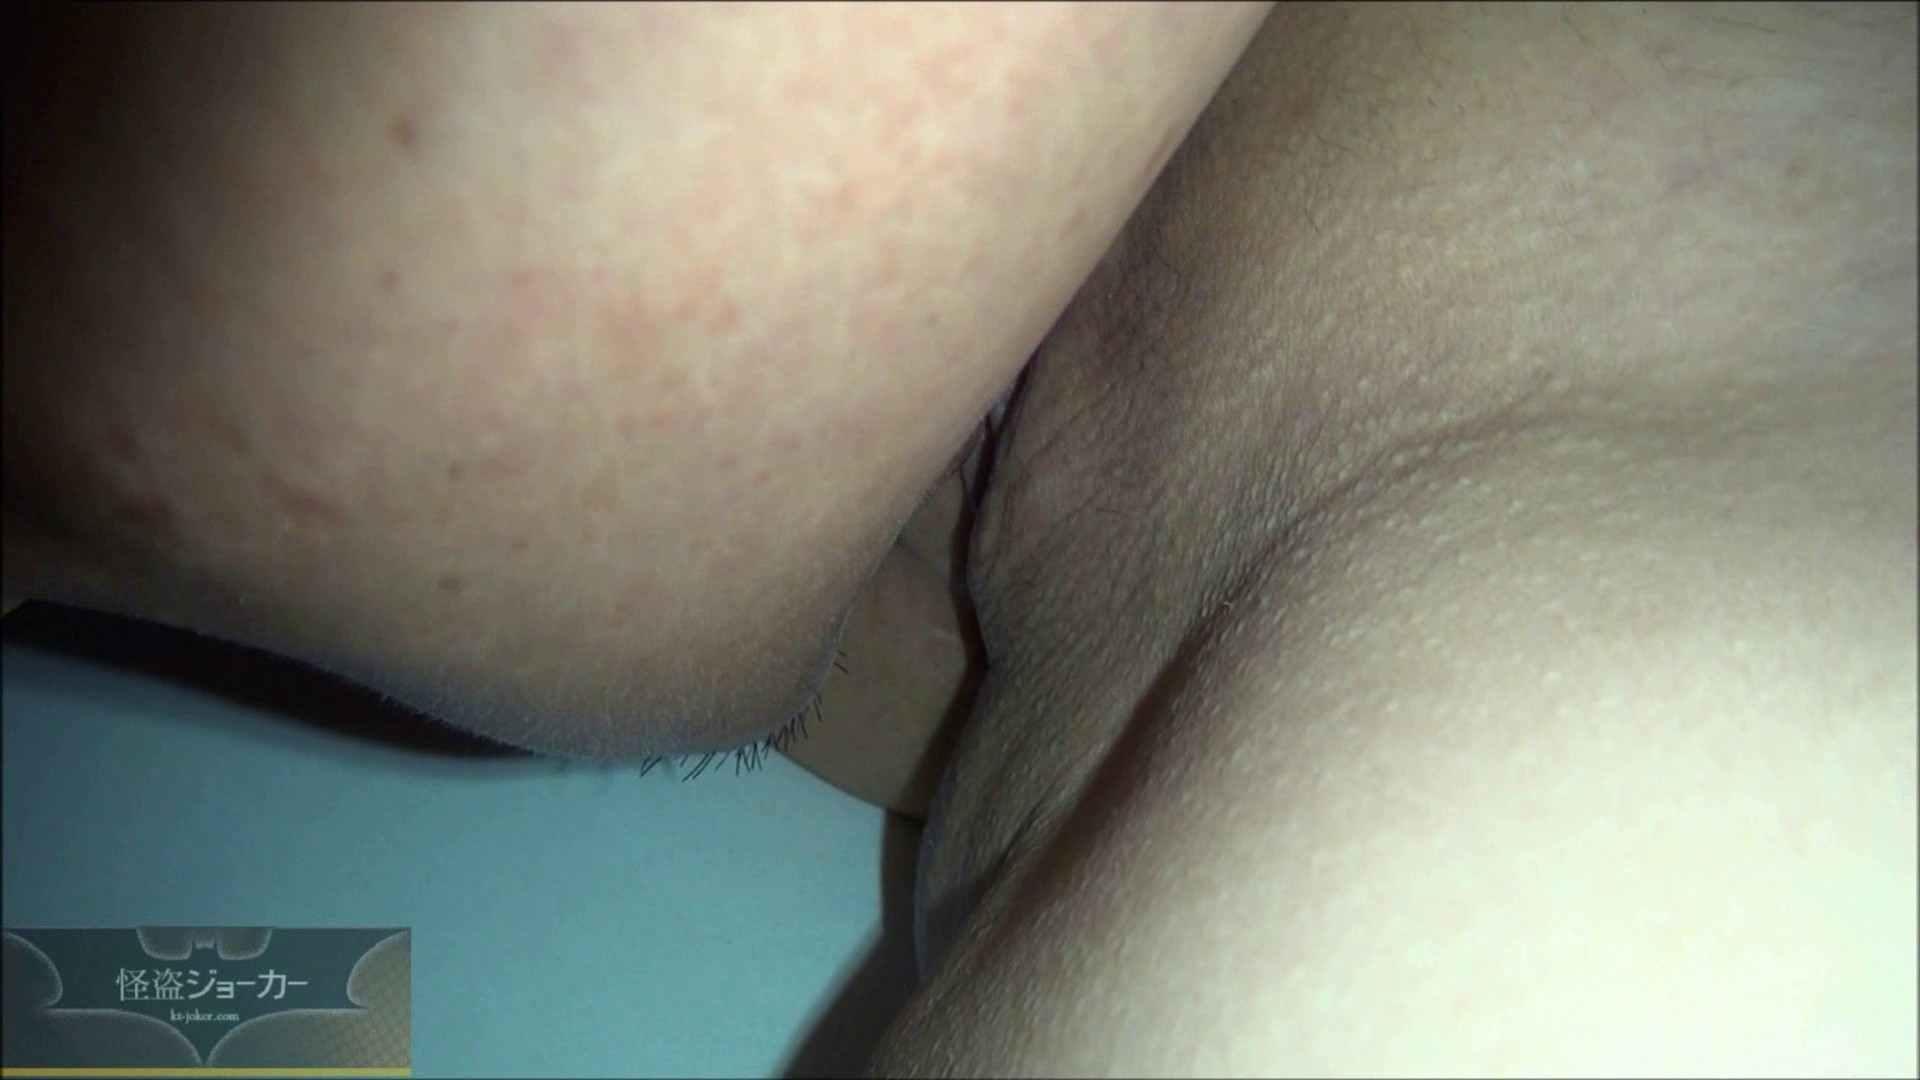 【未公開】vol.62 南米系ハーフのAMちゃん、、、友人が行った淫行の記録。 お姉さん攻略 AV無料 77画像 73